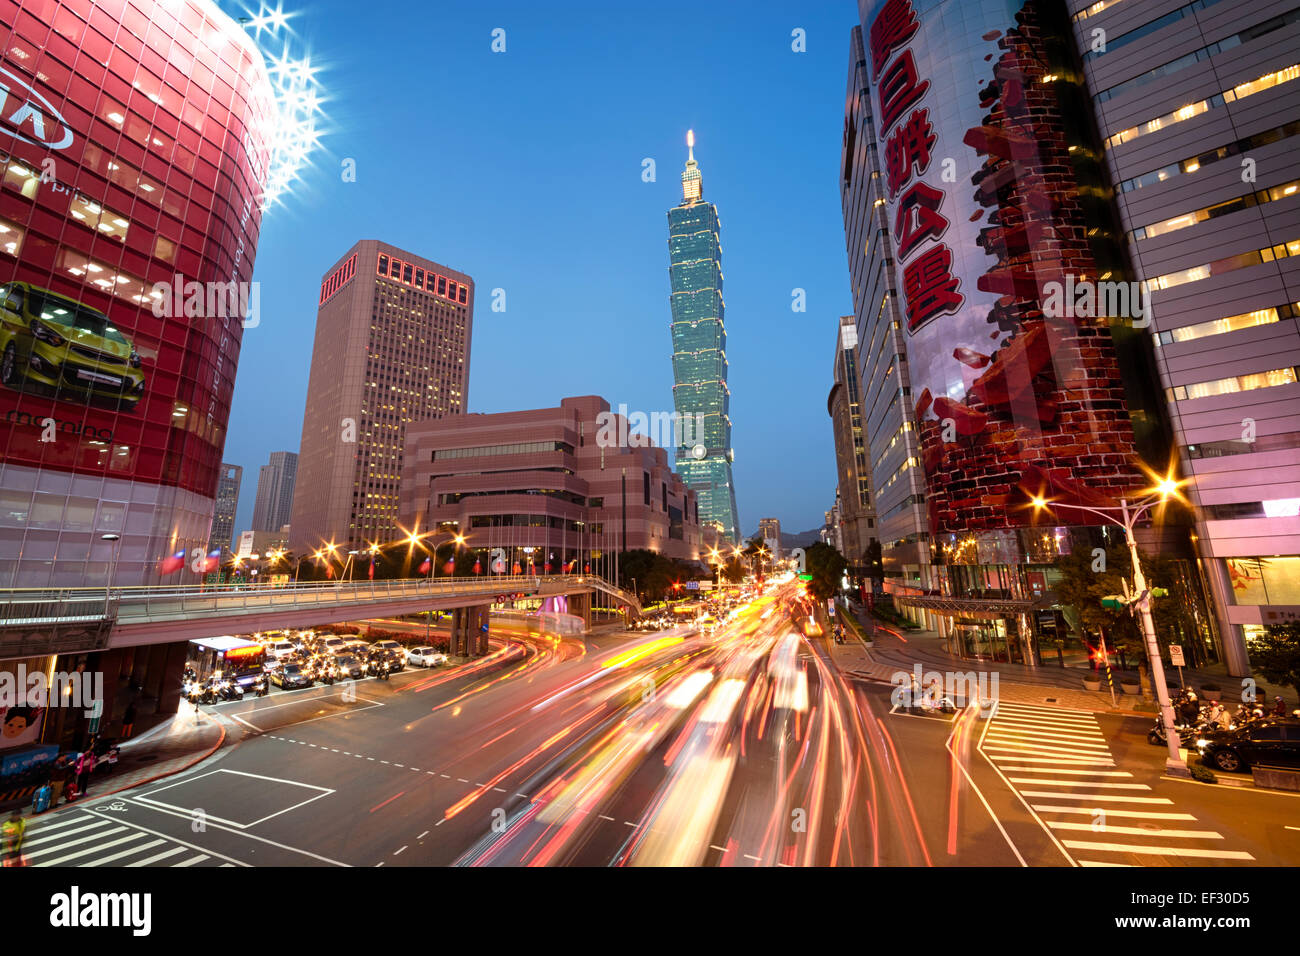 Taipei, Taiwan - Dec 30, 2014: Taipei, Xinyi District de nuit (y compris Taipei 101). Le Xinyi District est Photo Stock